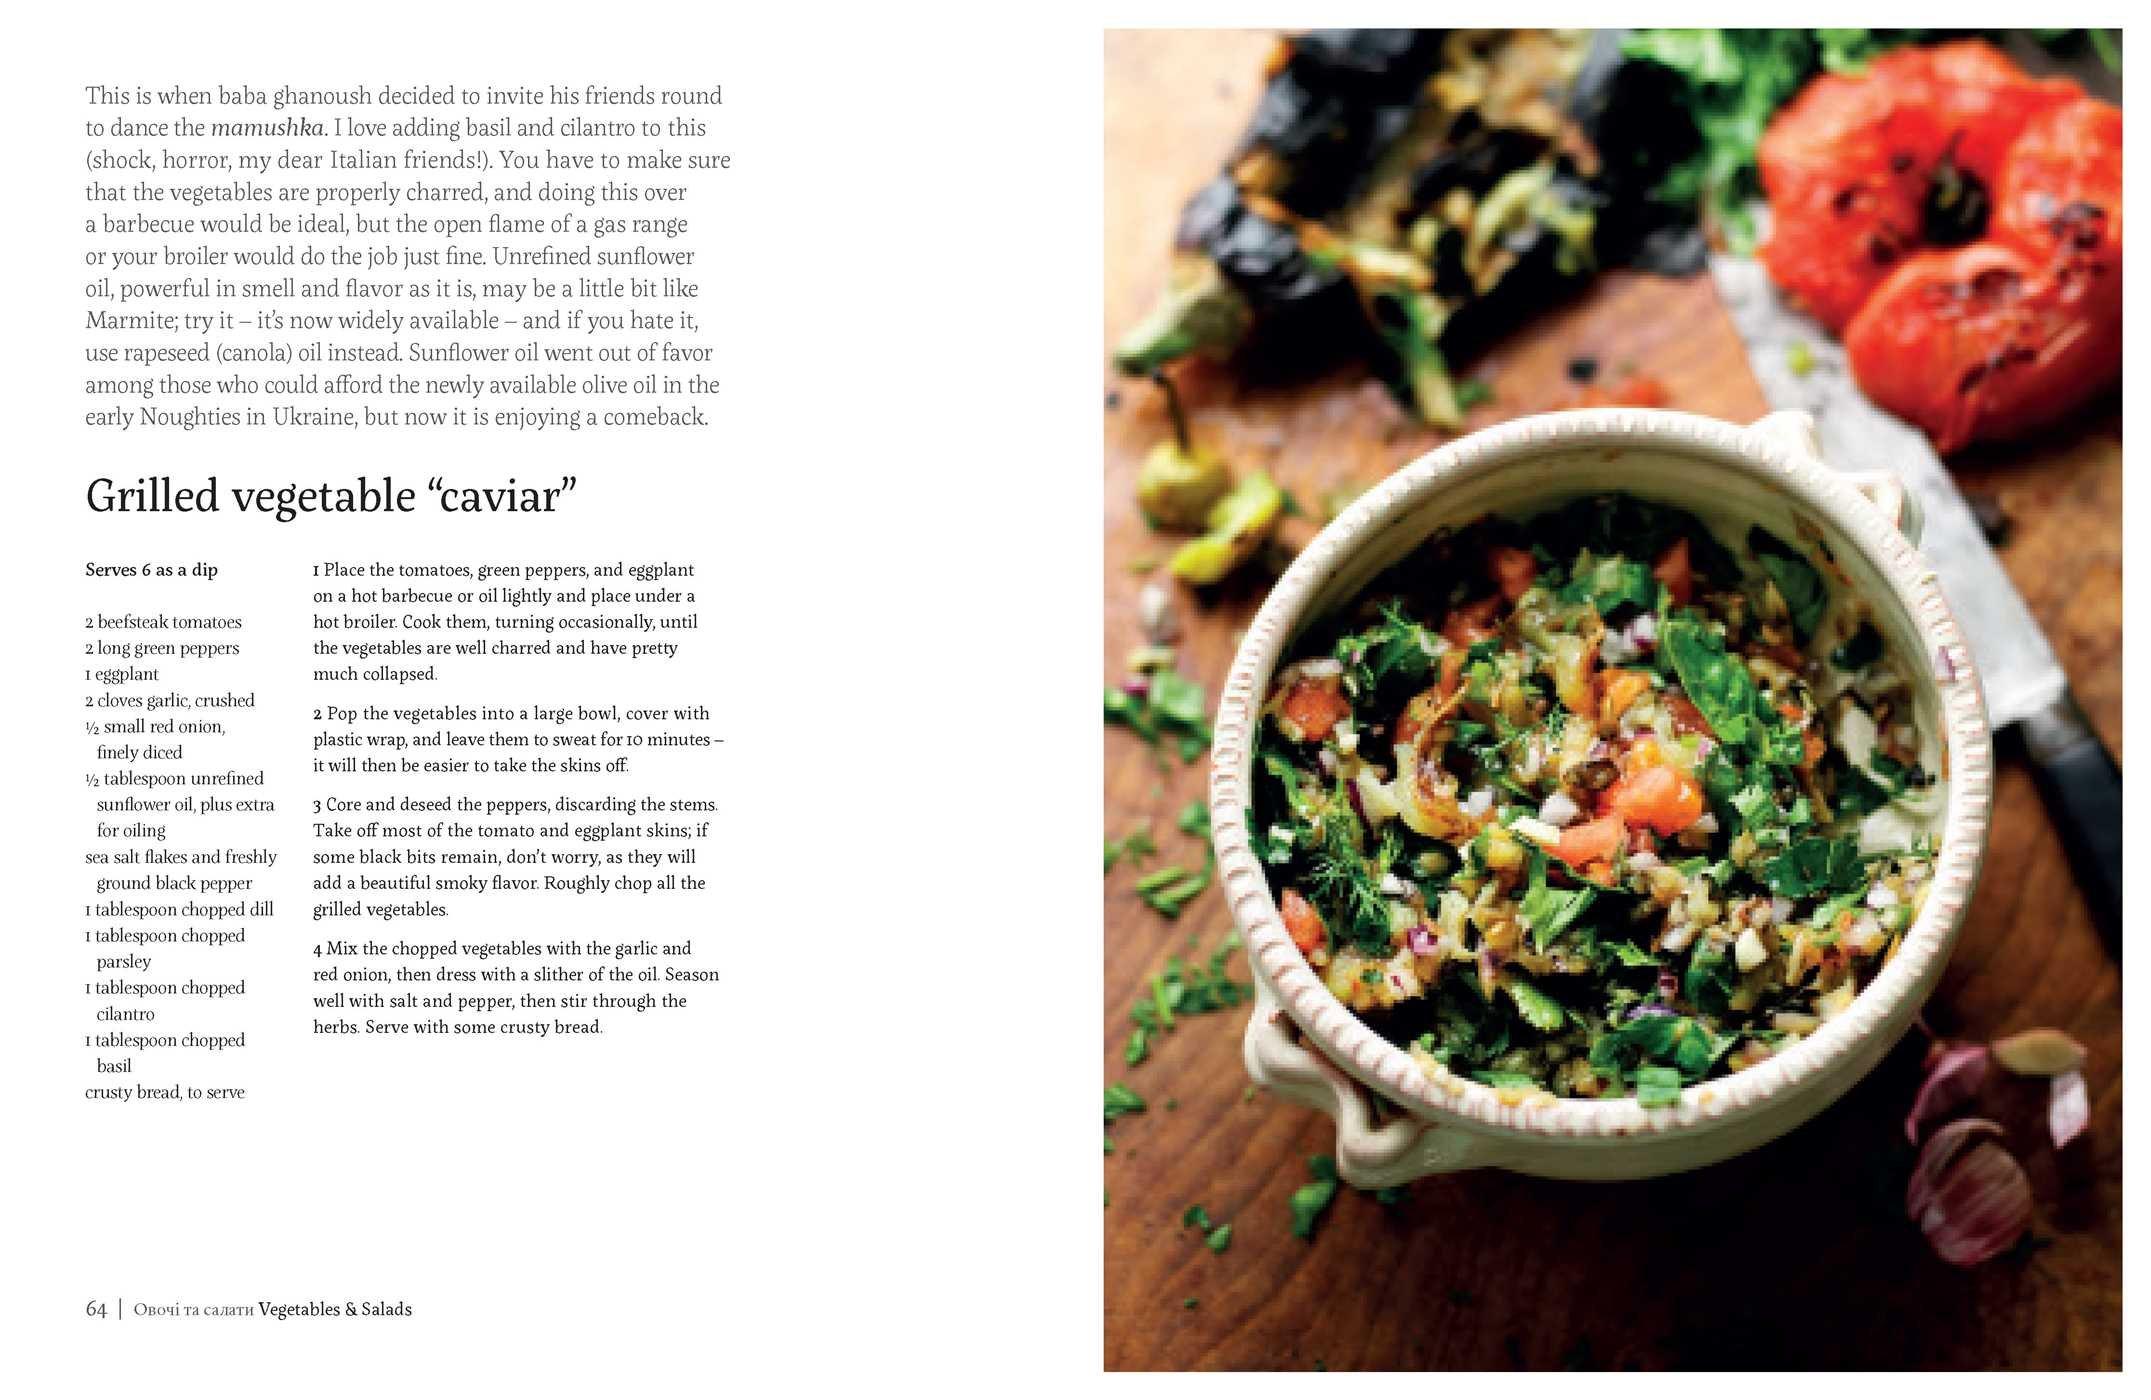 Mamushka recipes from ukraine and eastern europe olia hercules mamushka recipes from ukraine and eastern europe olia hercules 9781616289614 amazon books forumfinder Images